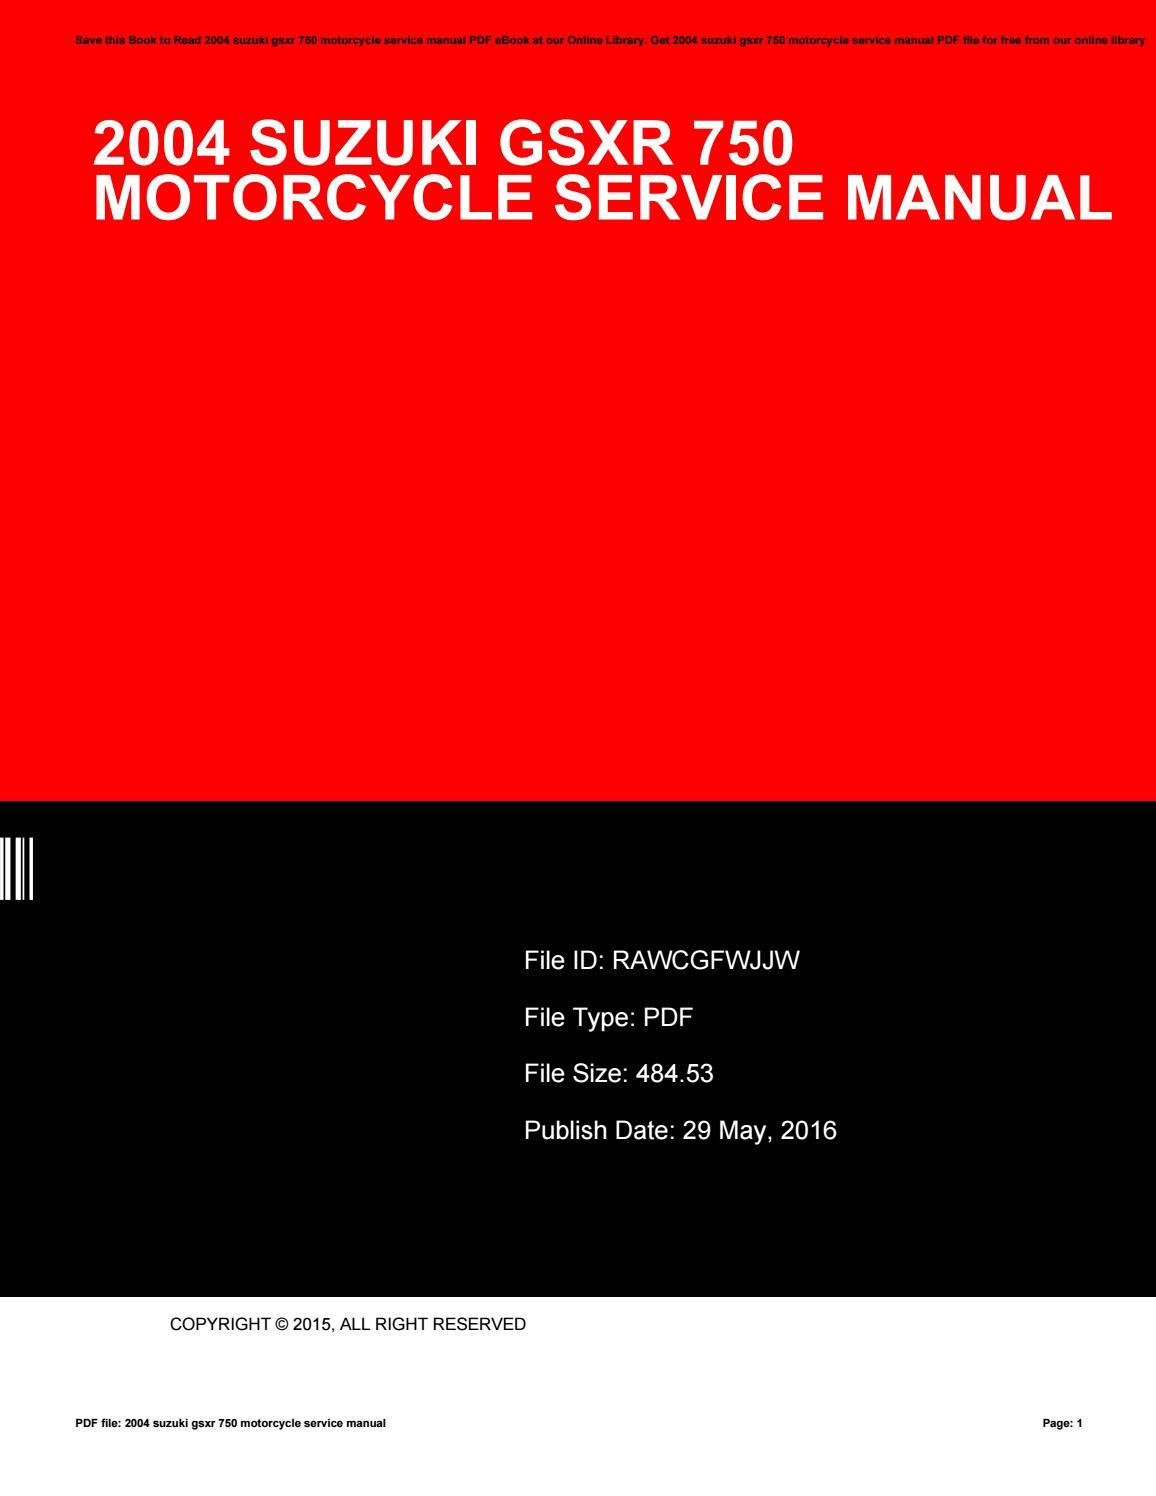 Gsxr 750 Manual Pdf